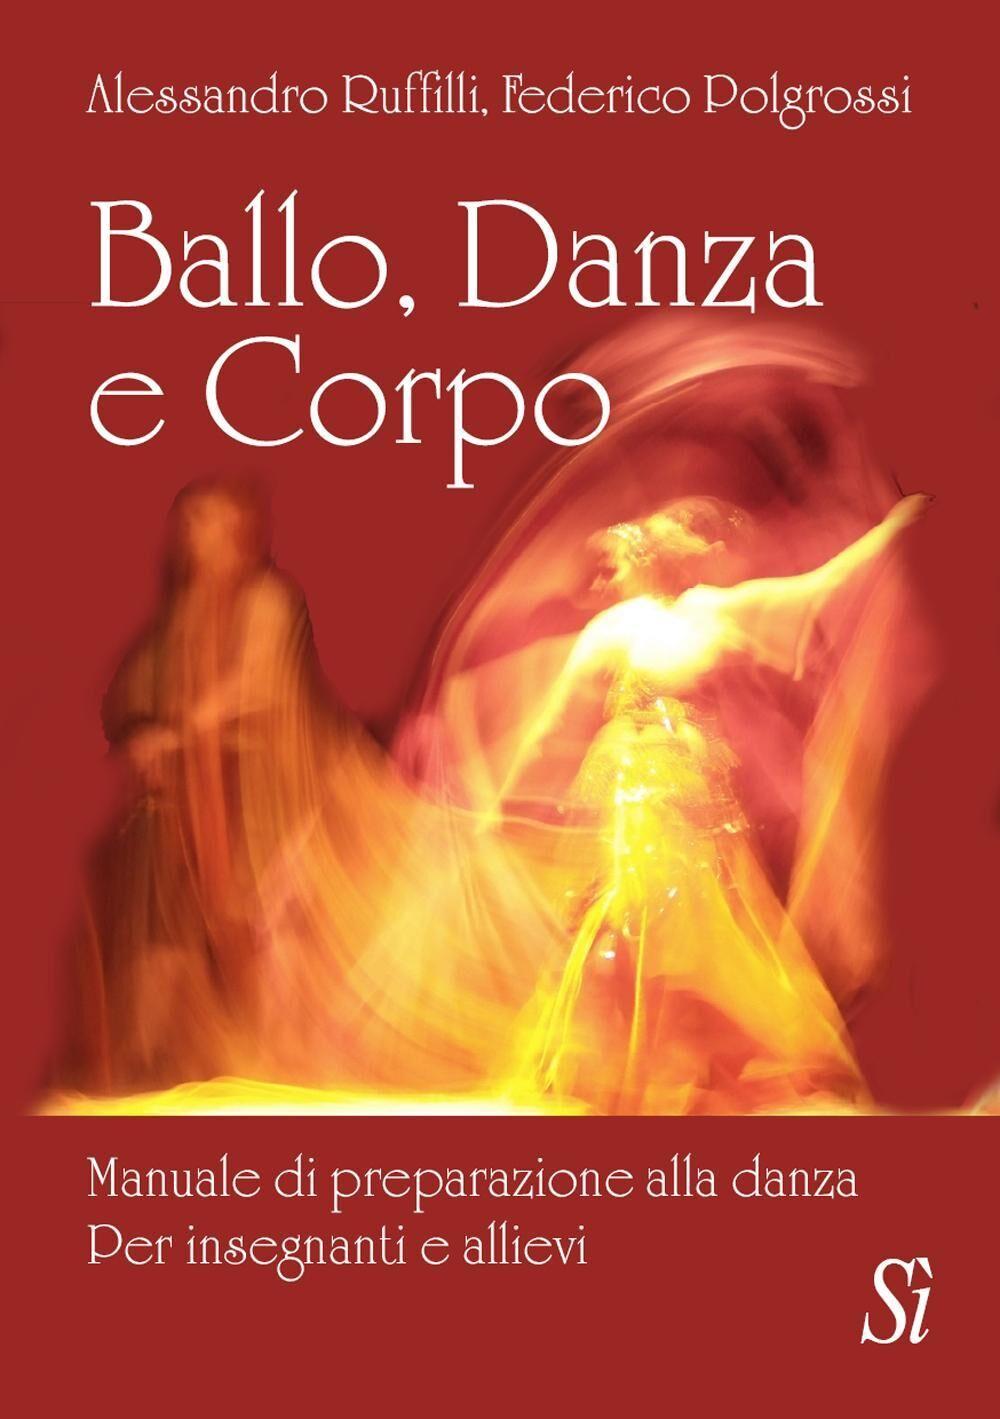 Ballo, danza, corpo. Manuale di preparazione alla danza. Per insegnanti e allievi